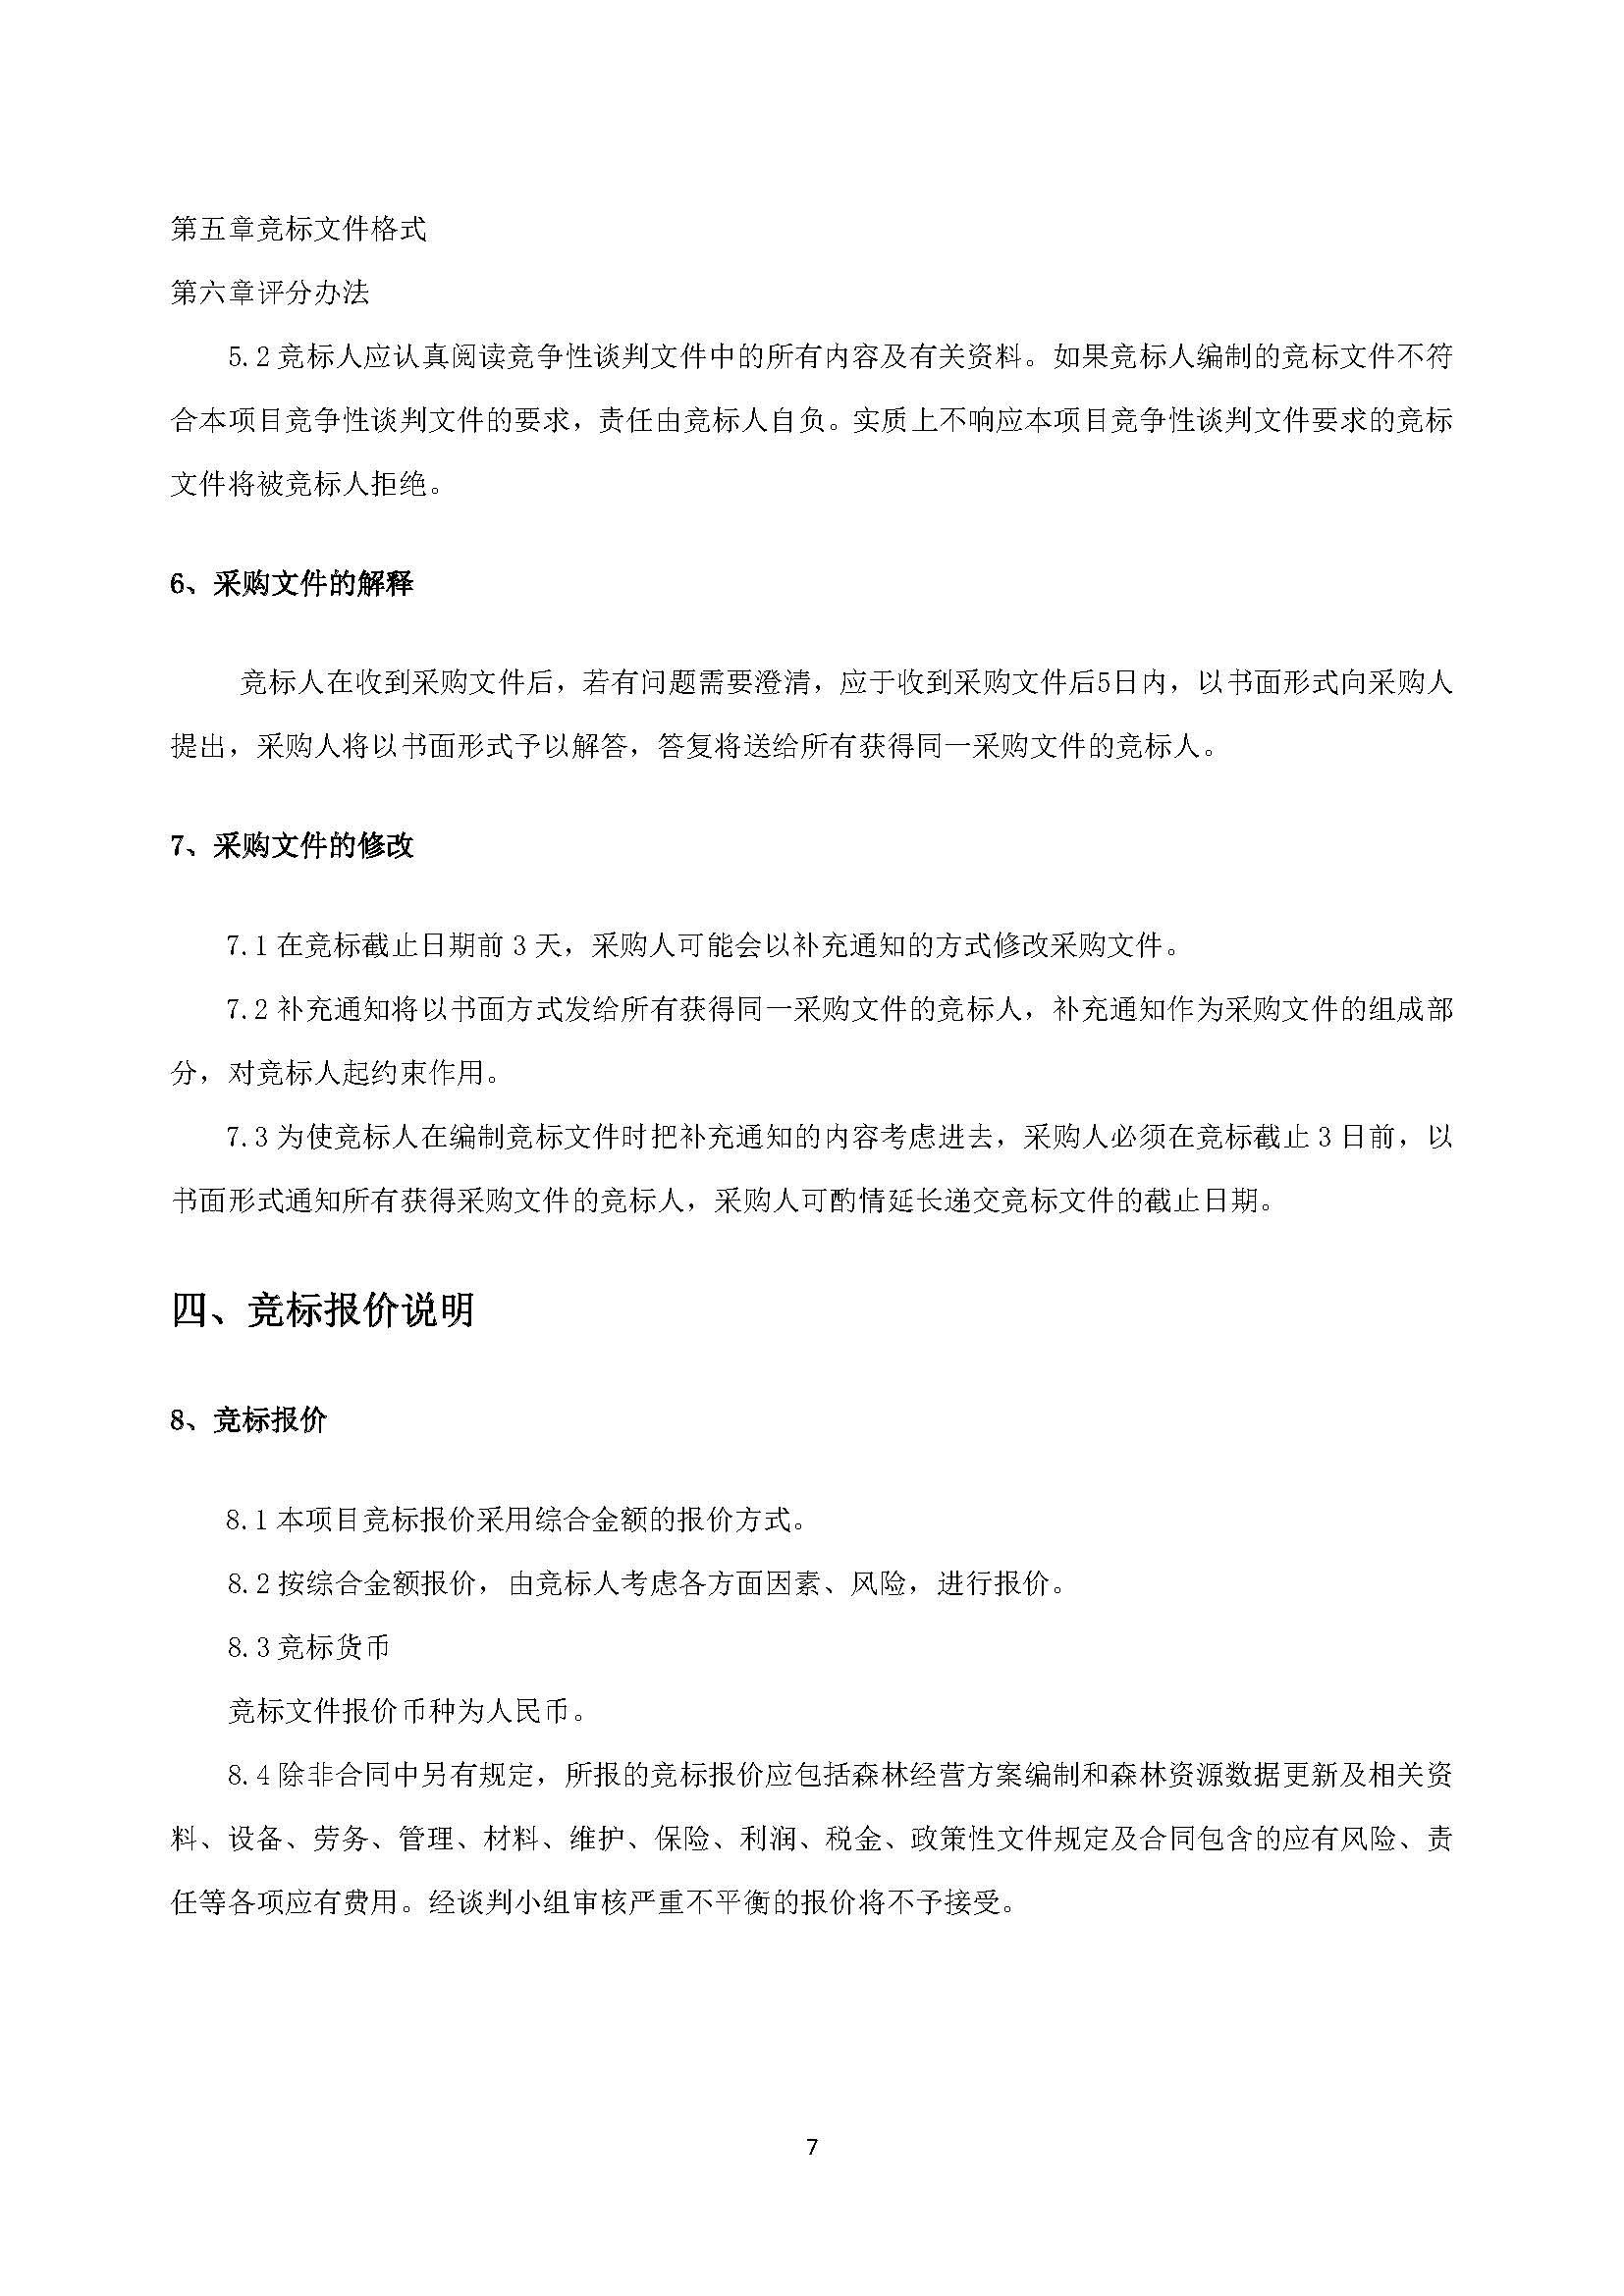 (确定)安徽快三基本走势图市政环卫园林绿化企业一体化面积测绘服务采购 竞争性谈判采购文件20200610(2)_页面_11.jpg